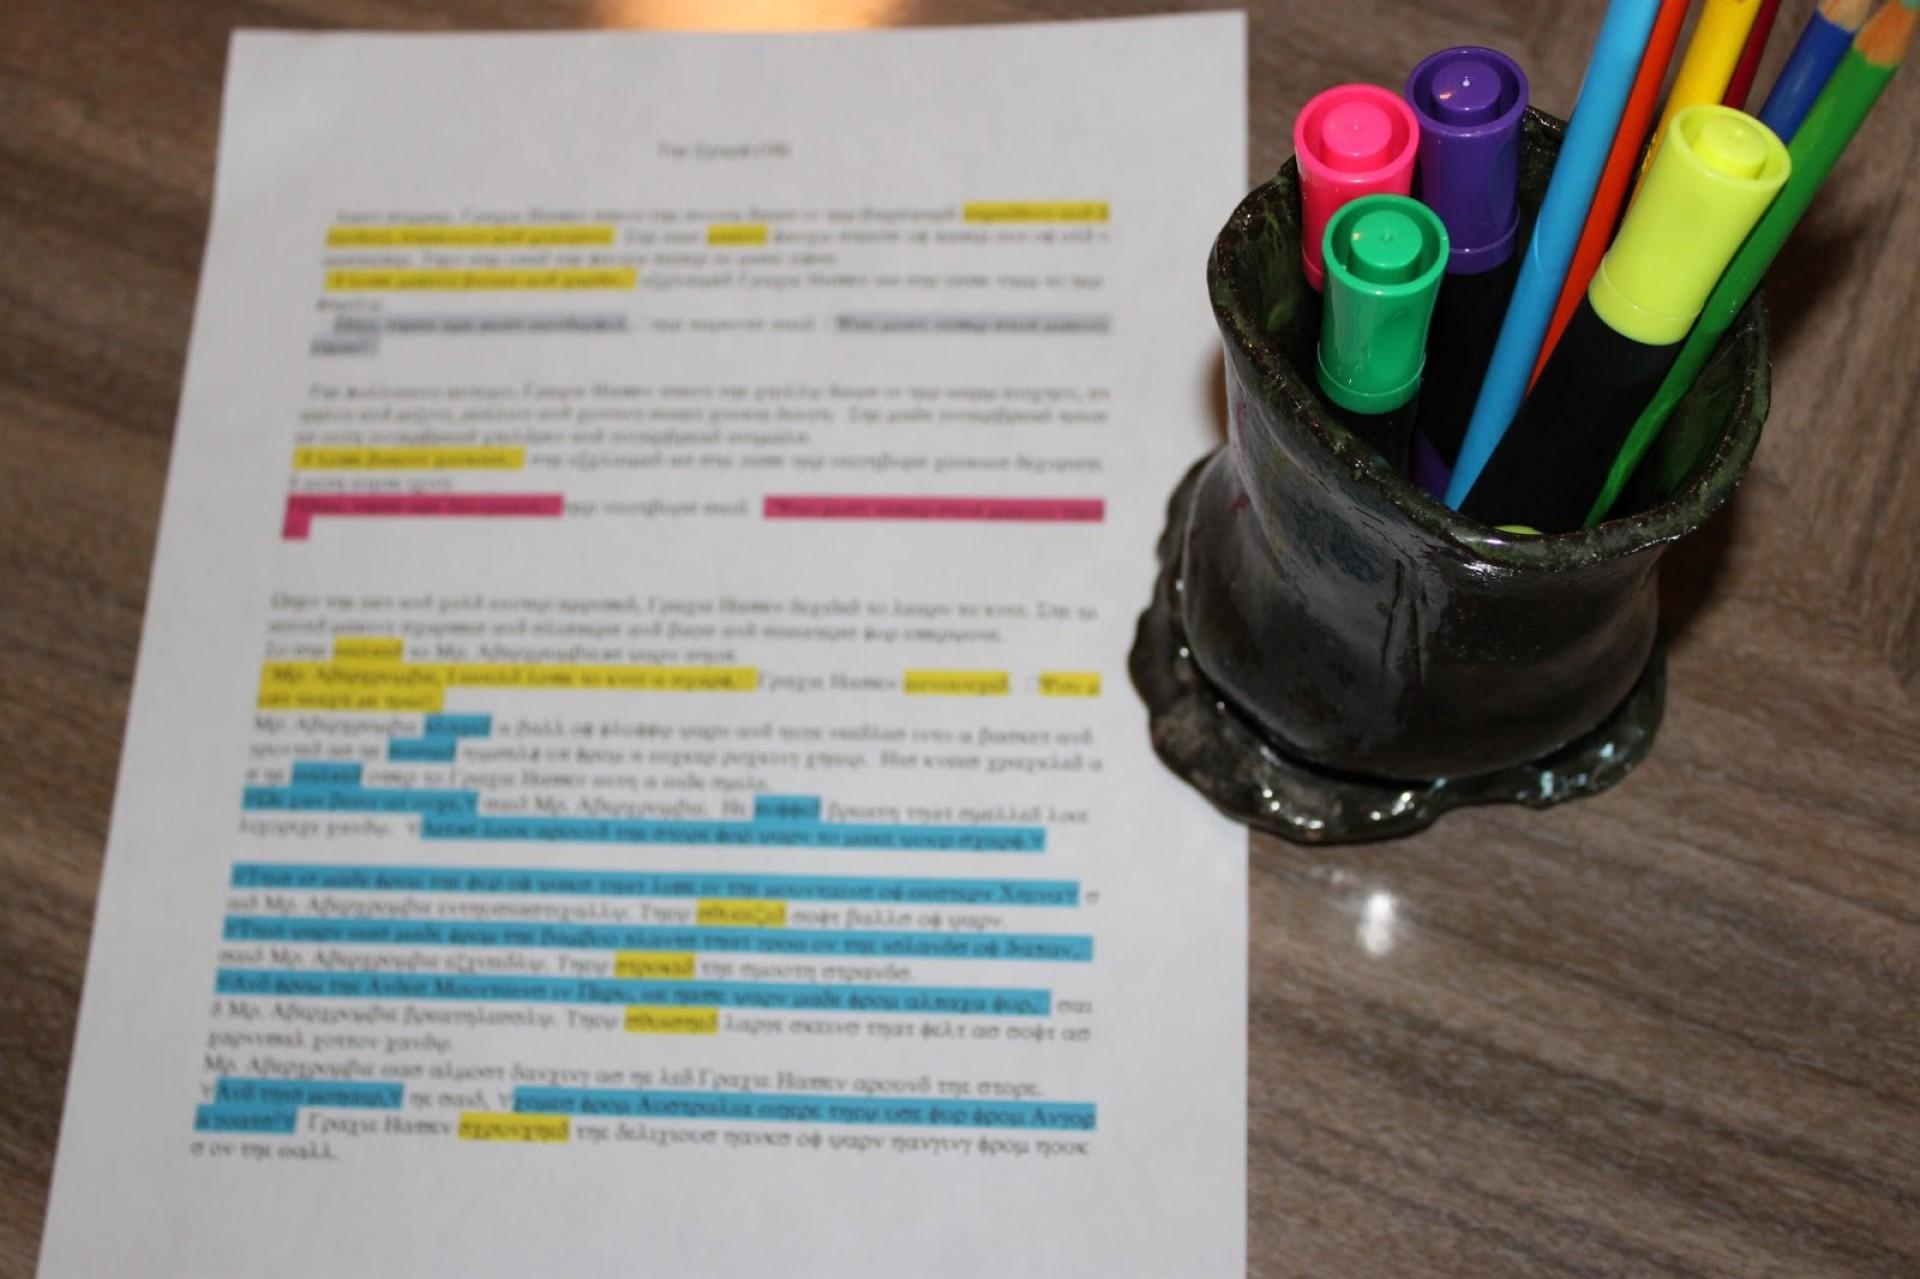 010 Essay Revisor Charconsistcheck02 Jpg Magnificent Sas 1920